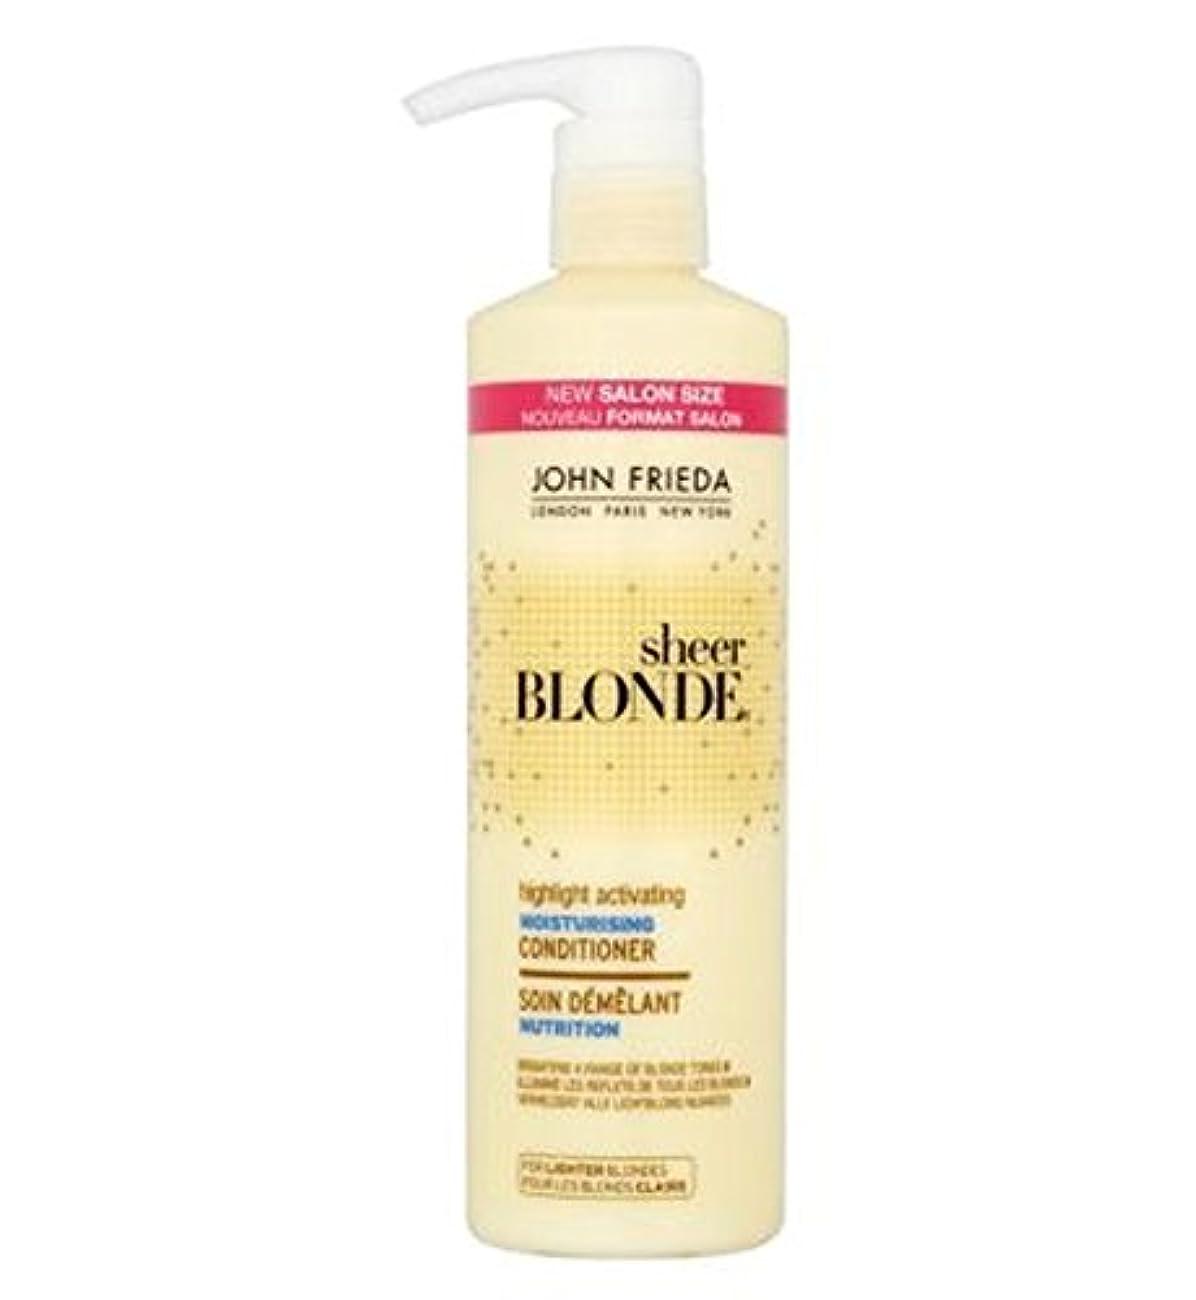 教養がある何出費John Frieda Sheer Blonde Highlight Activating Moisturising Conditioner 500ml - ジョン?フリーダ薄手のブロンドのハイライト活性化保湿コンディショナー500ミリリットル (John Frieda) [並行輸入品]